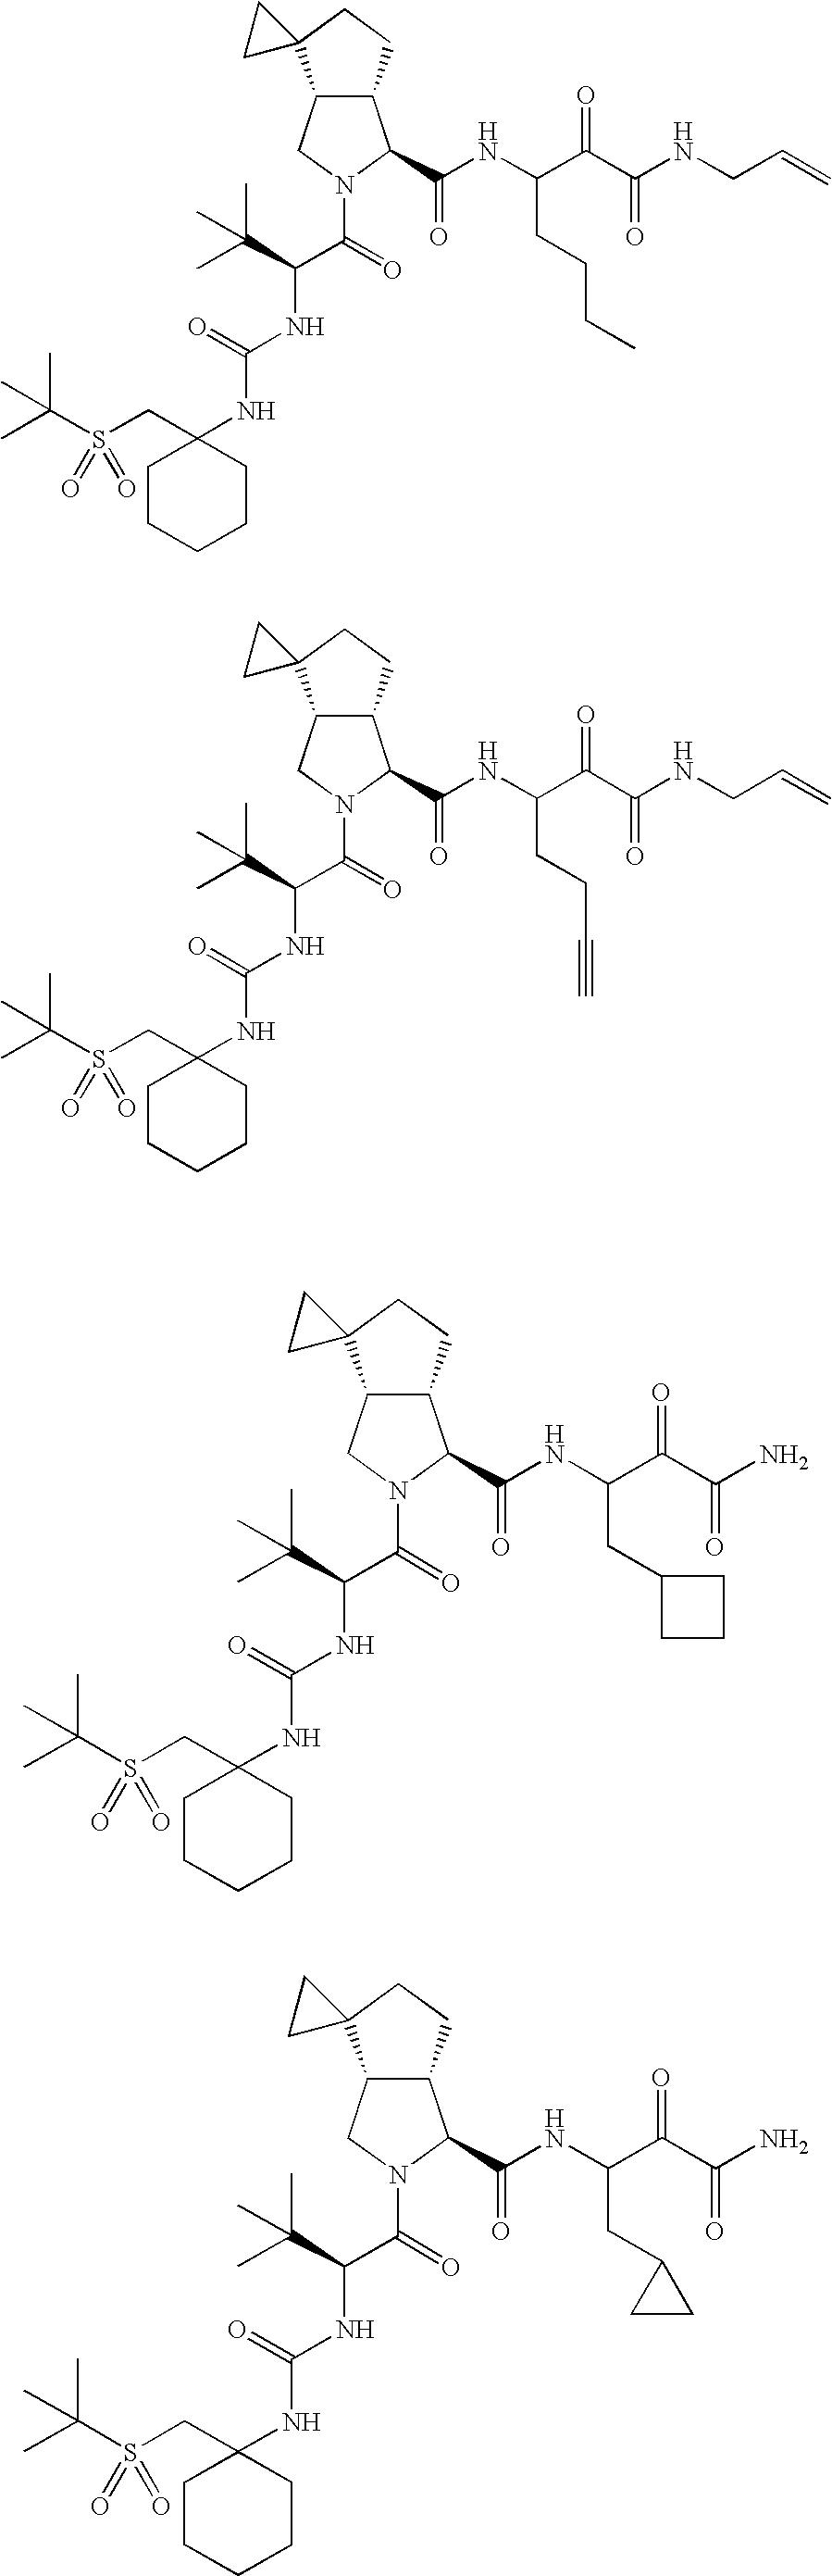 Figure US20060287248A1-20061221-C00502